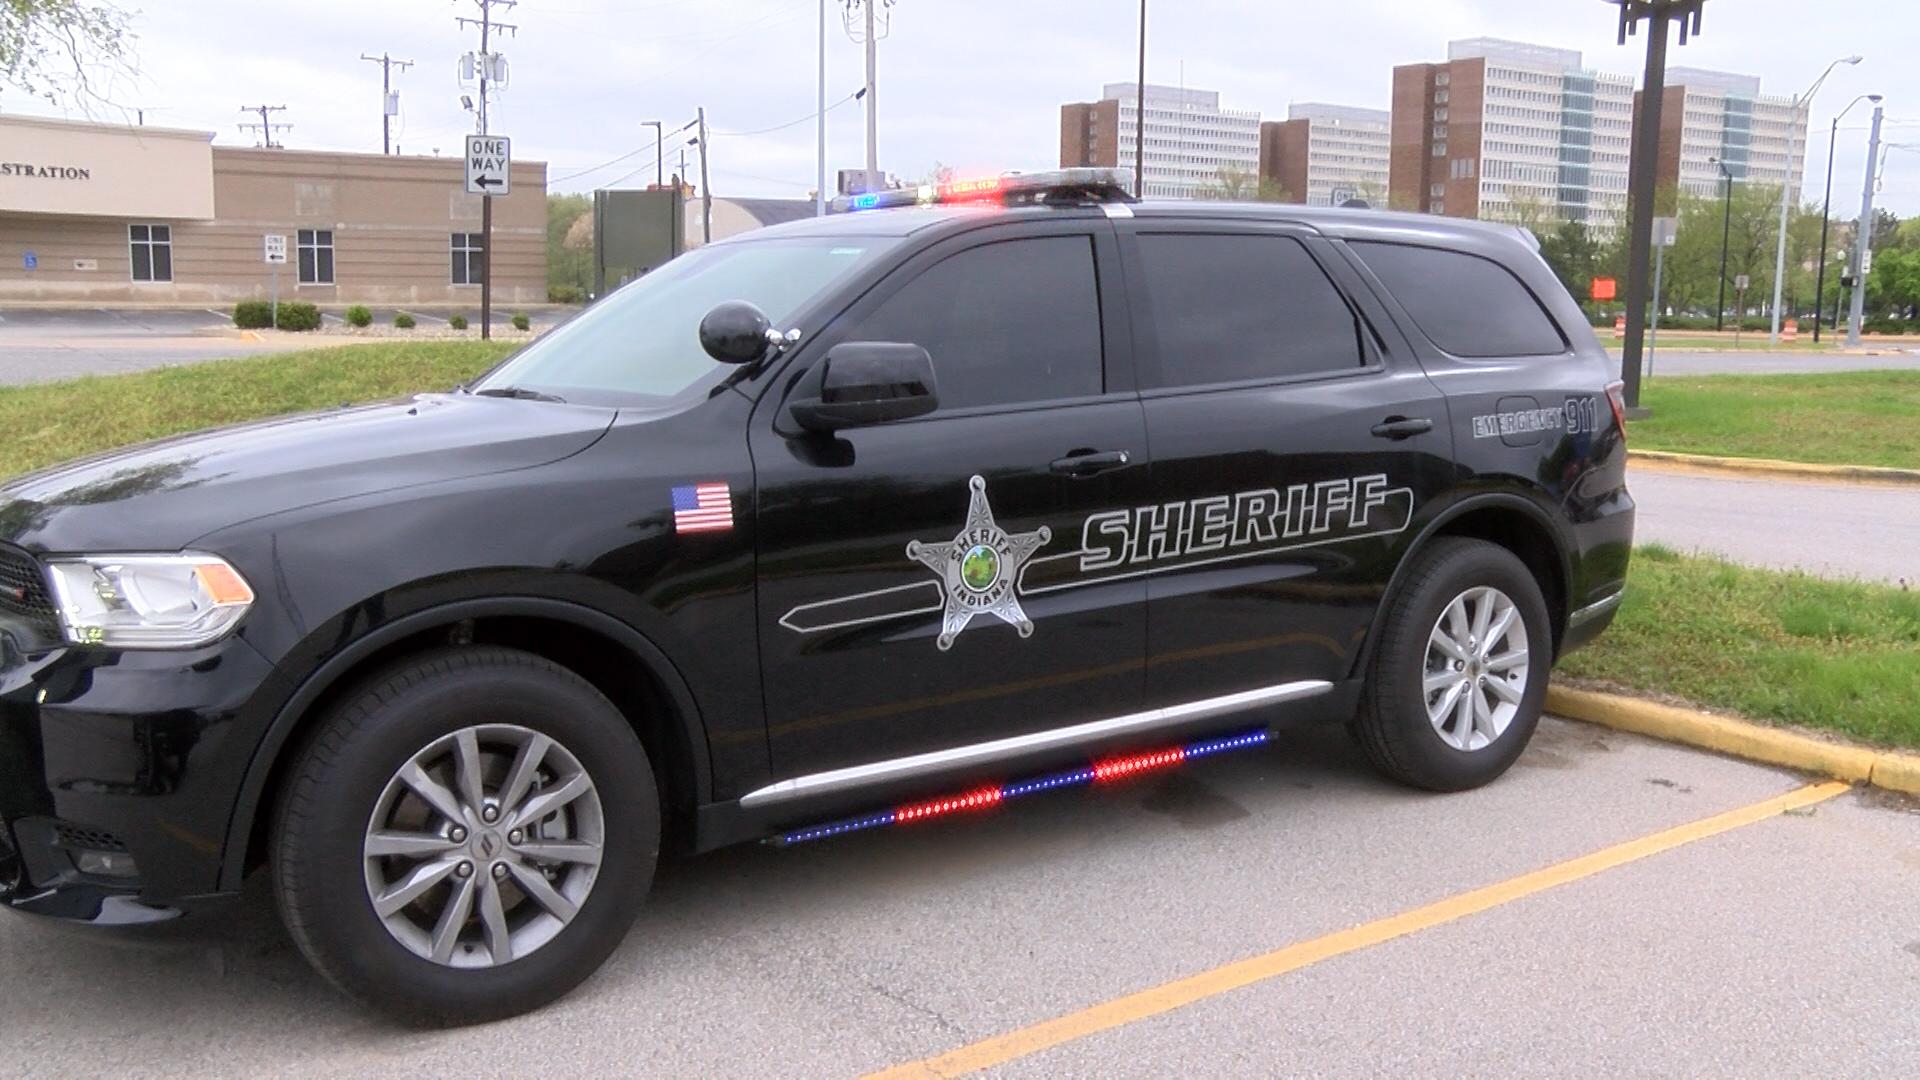 NEW SHERIFF CRUISERS_1556486866130.jpg.jpg